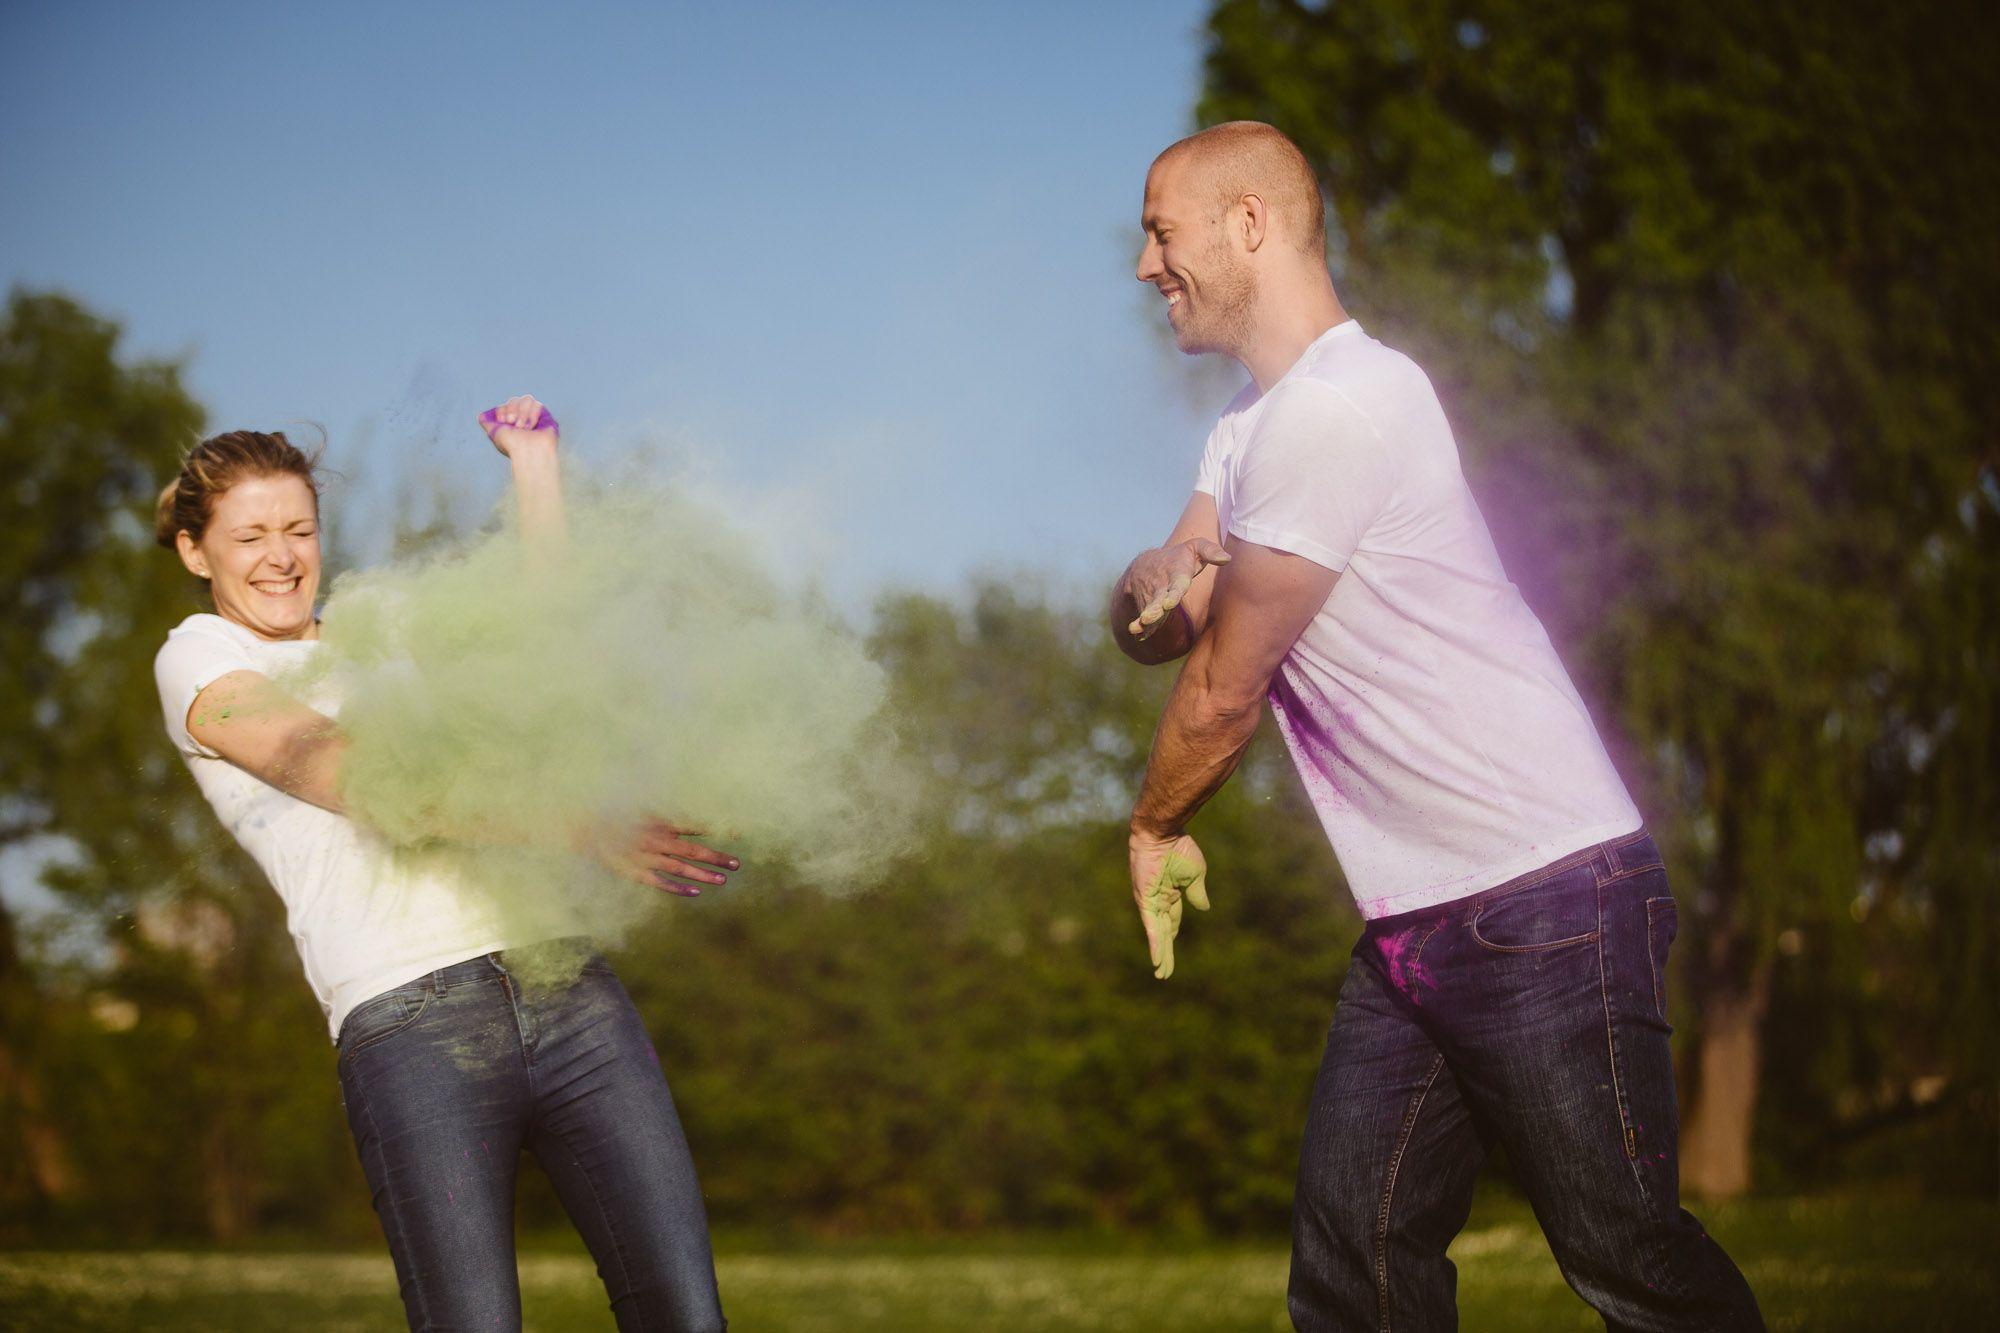 #wedding #photography #engagement #avecamis #couple #OliverLichtblau